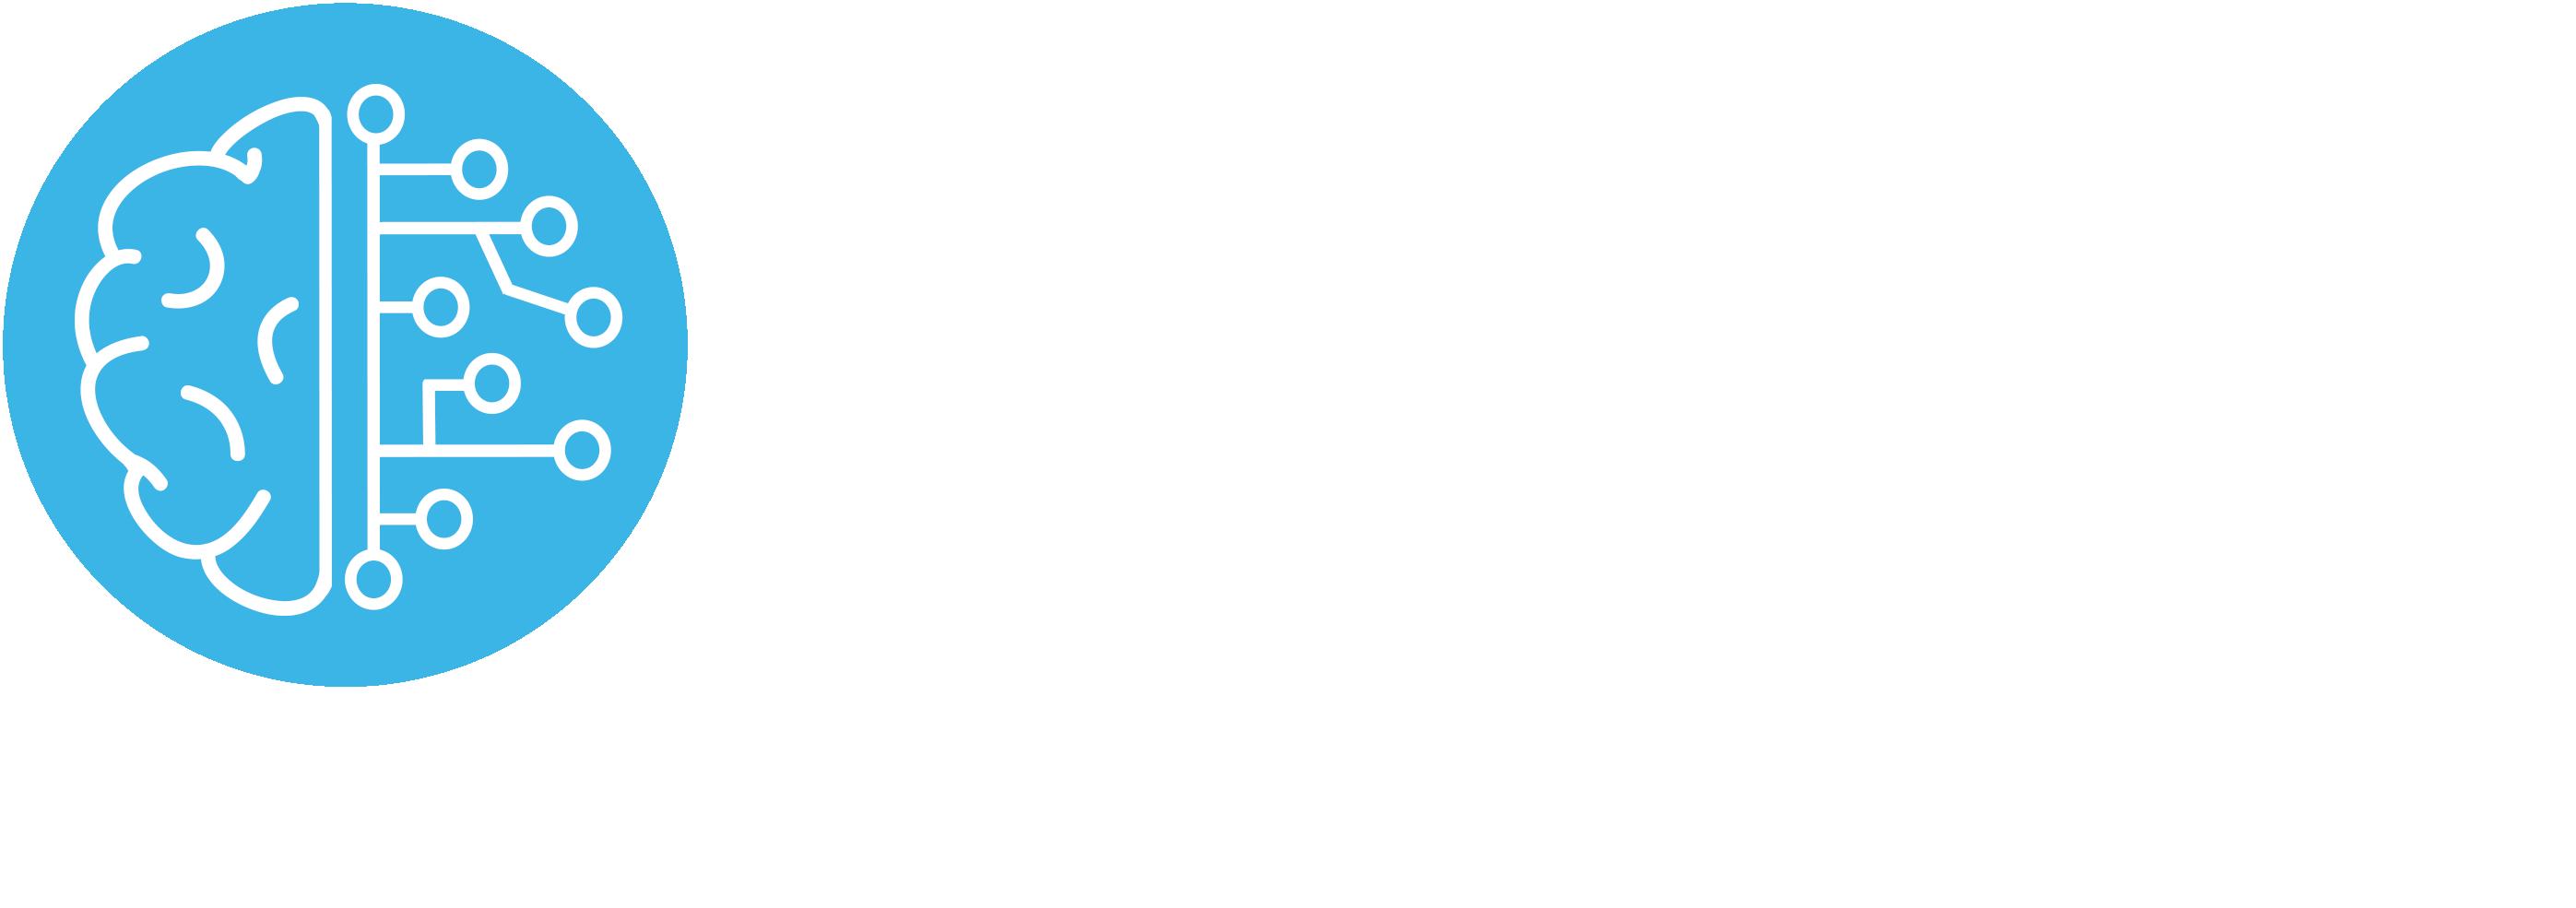 Nuevo-Smartme-SEMINEGATIVO